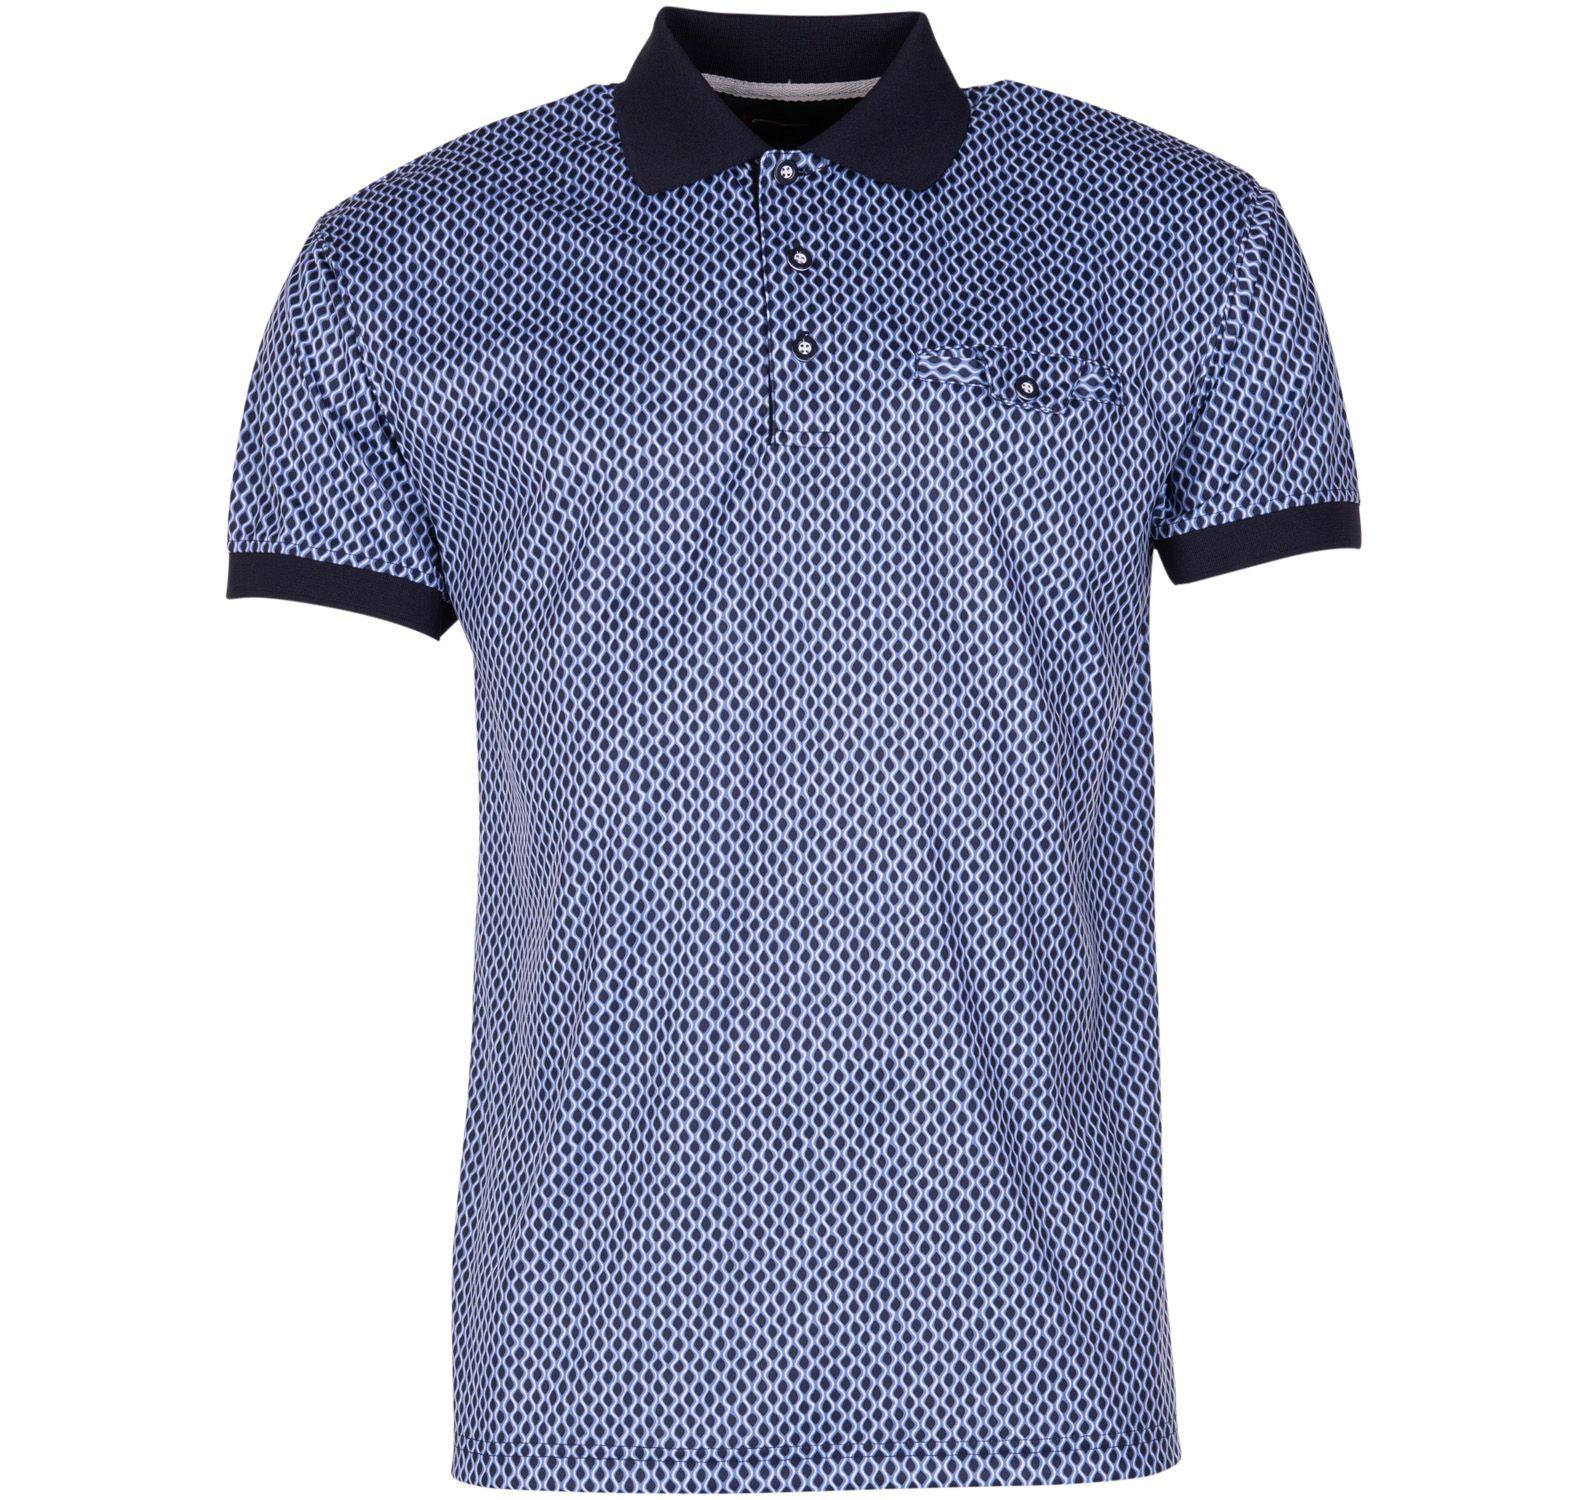 shirt 1909 navy s, navy, s, varumärken